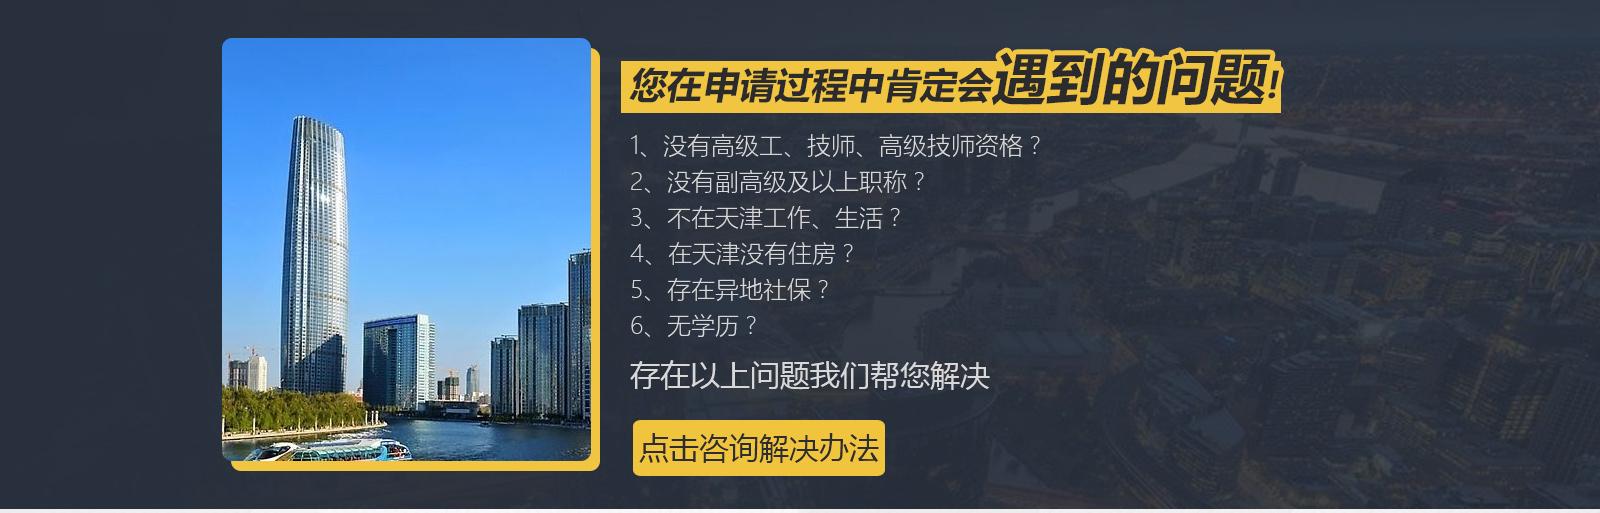 2019年天津海河英才落户攻略